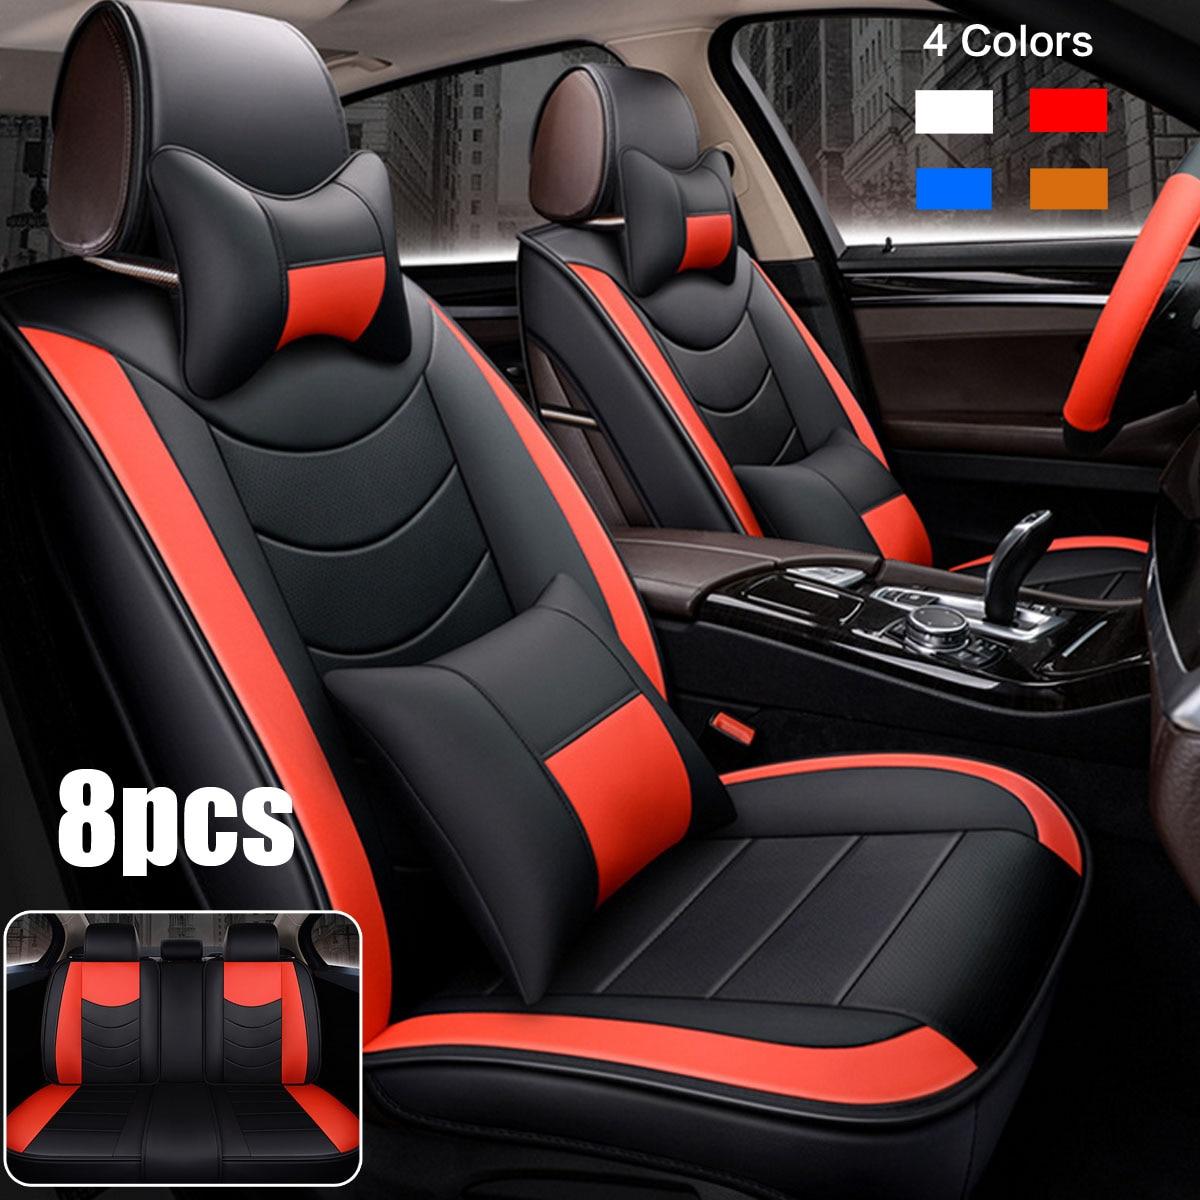 Универсальный автомобильный чехол для сиденья кожаный Авто Подушка зима согревающий Передний + заднее сиденье чехлы с рулевым колесом крыш